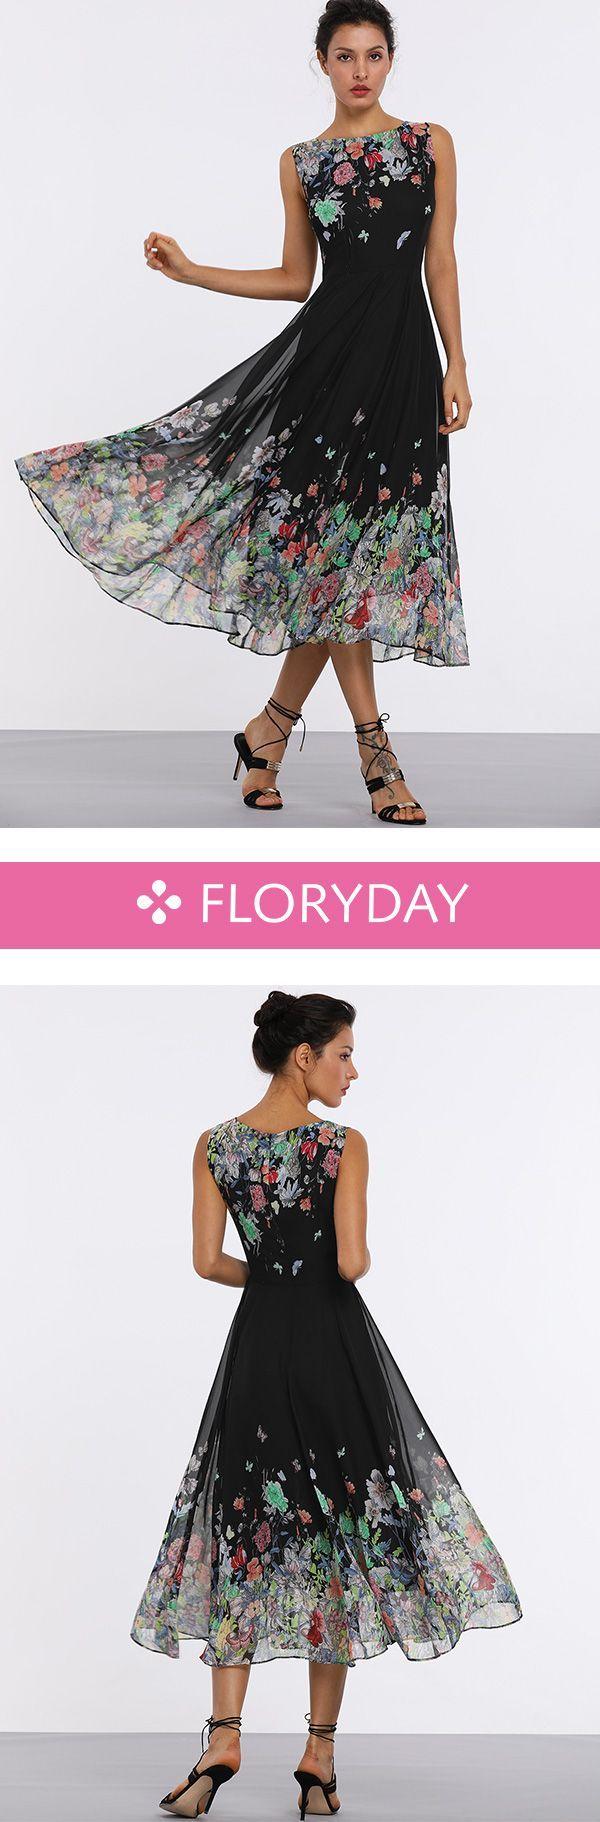 Knielanges Kleid ohne Ärmel in X-Linie und Blumenmuster #dress